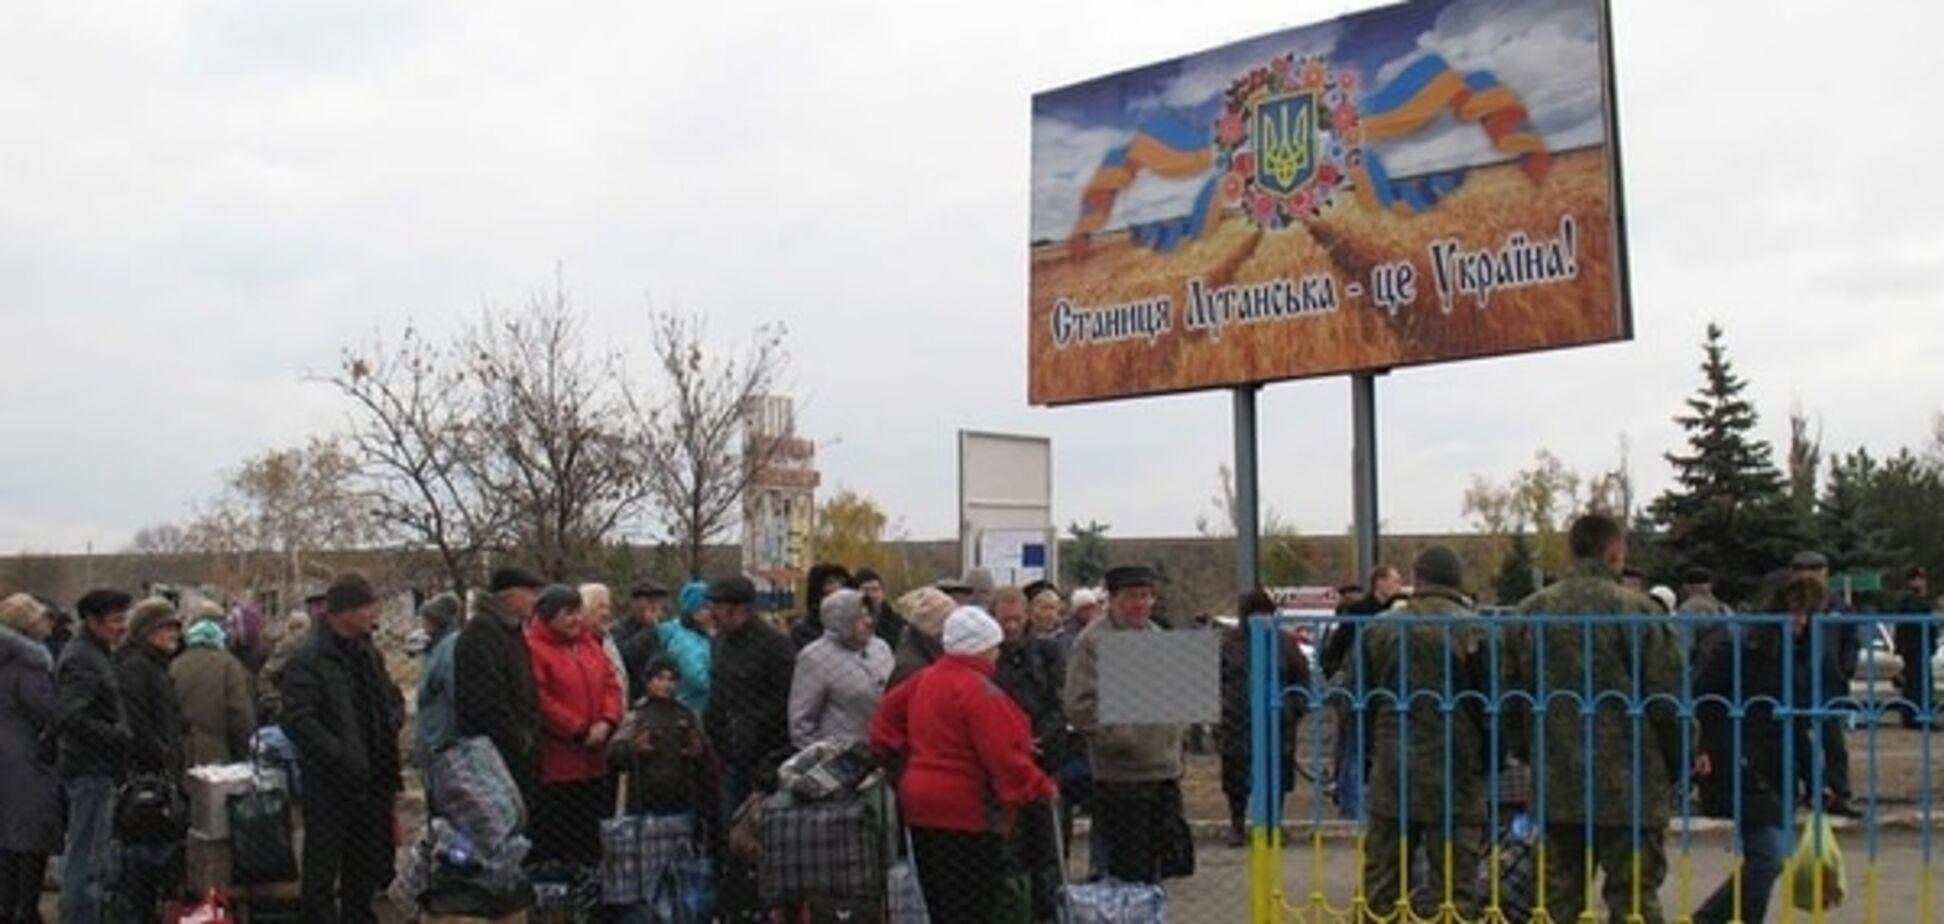 Обнародованы фото первого на Луганщине пешеходного пункта пропуска в 'ЛНР'